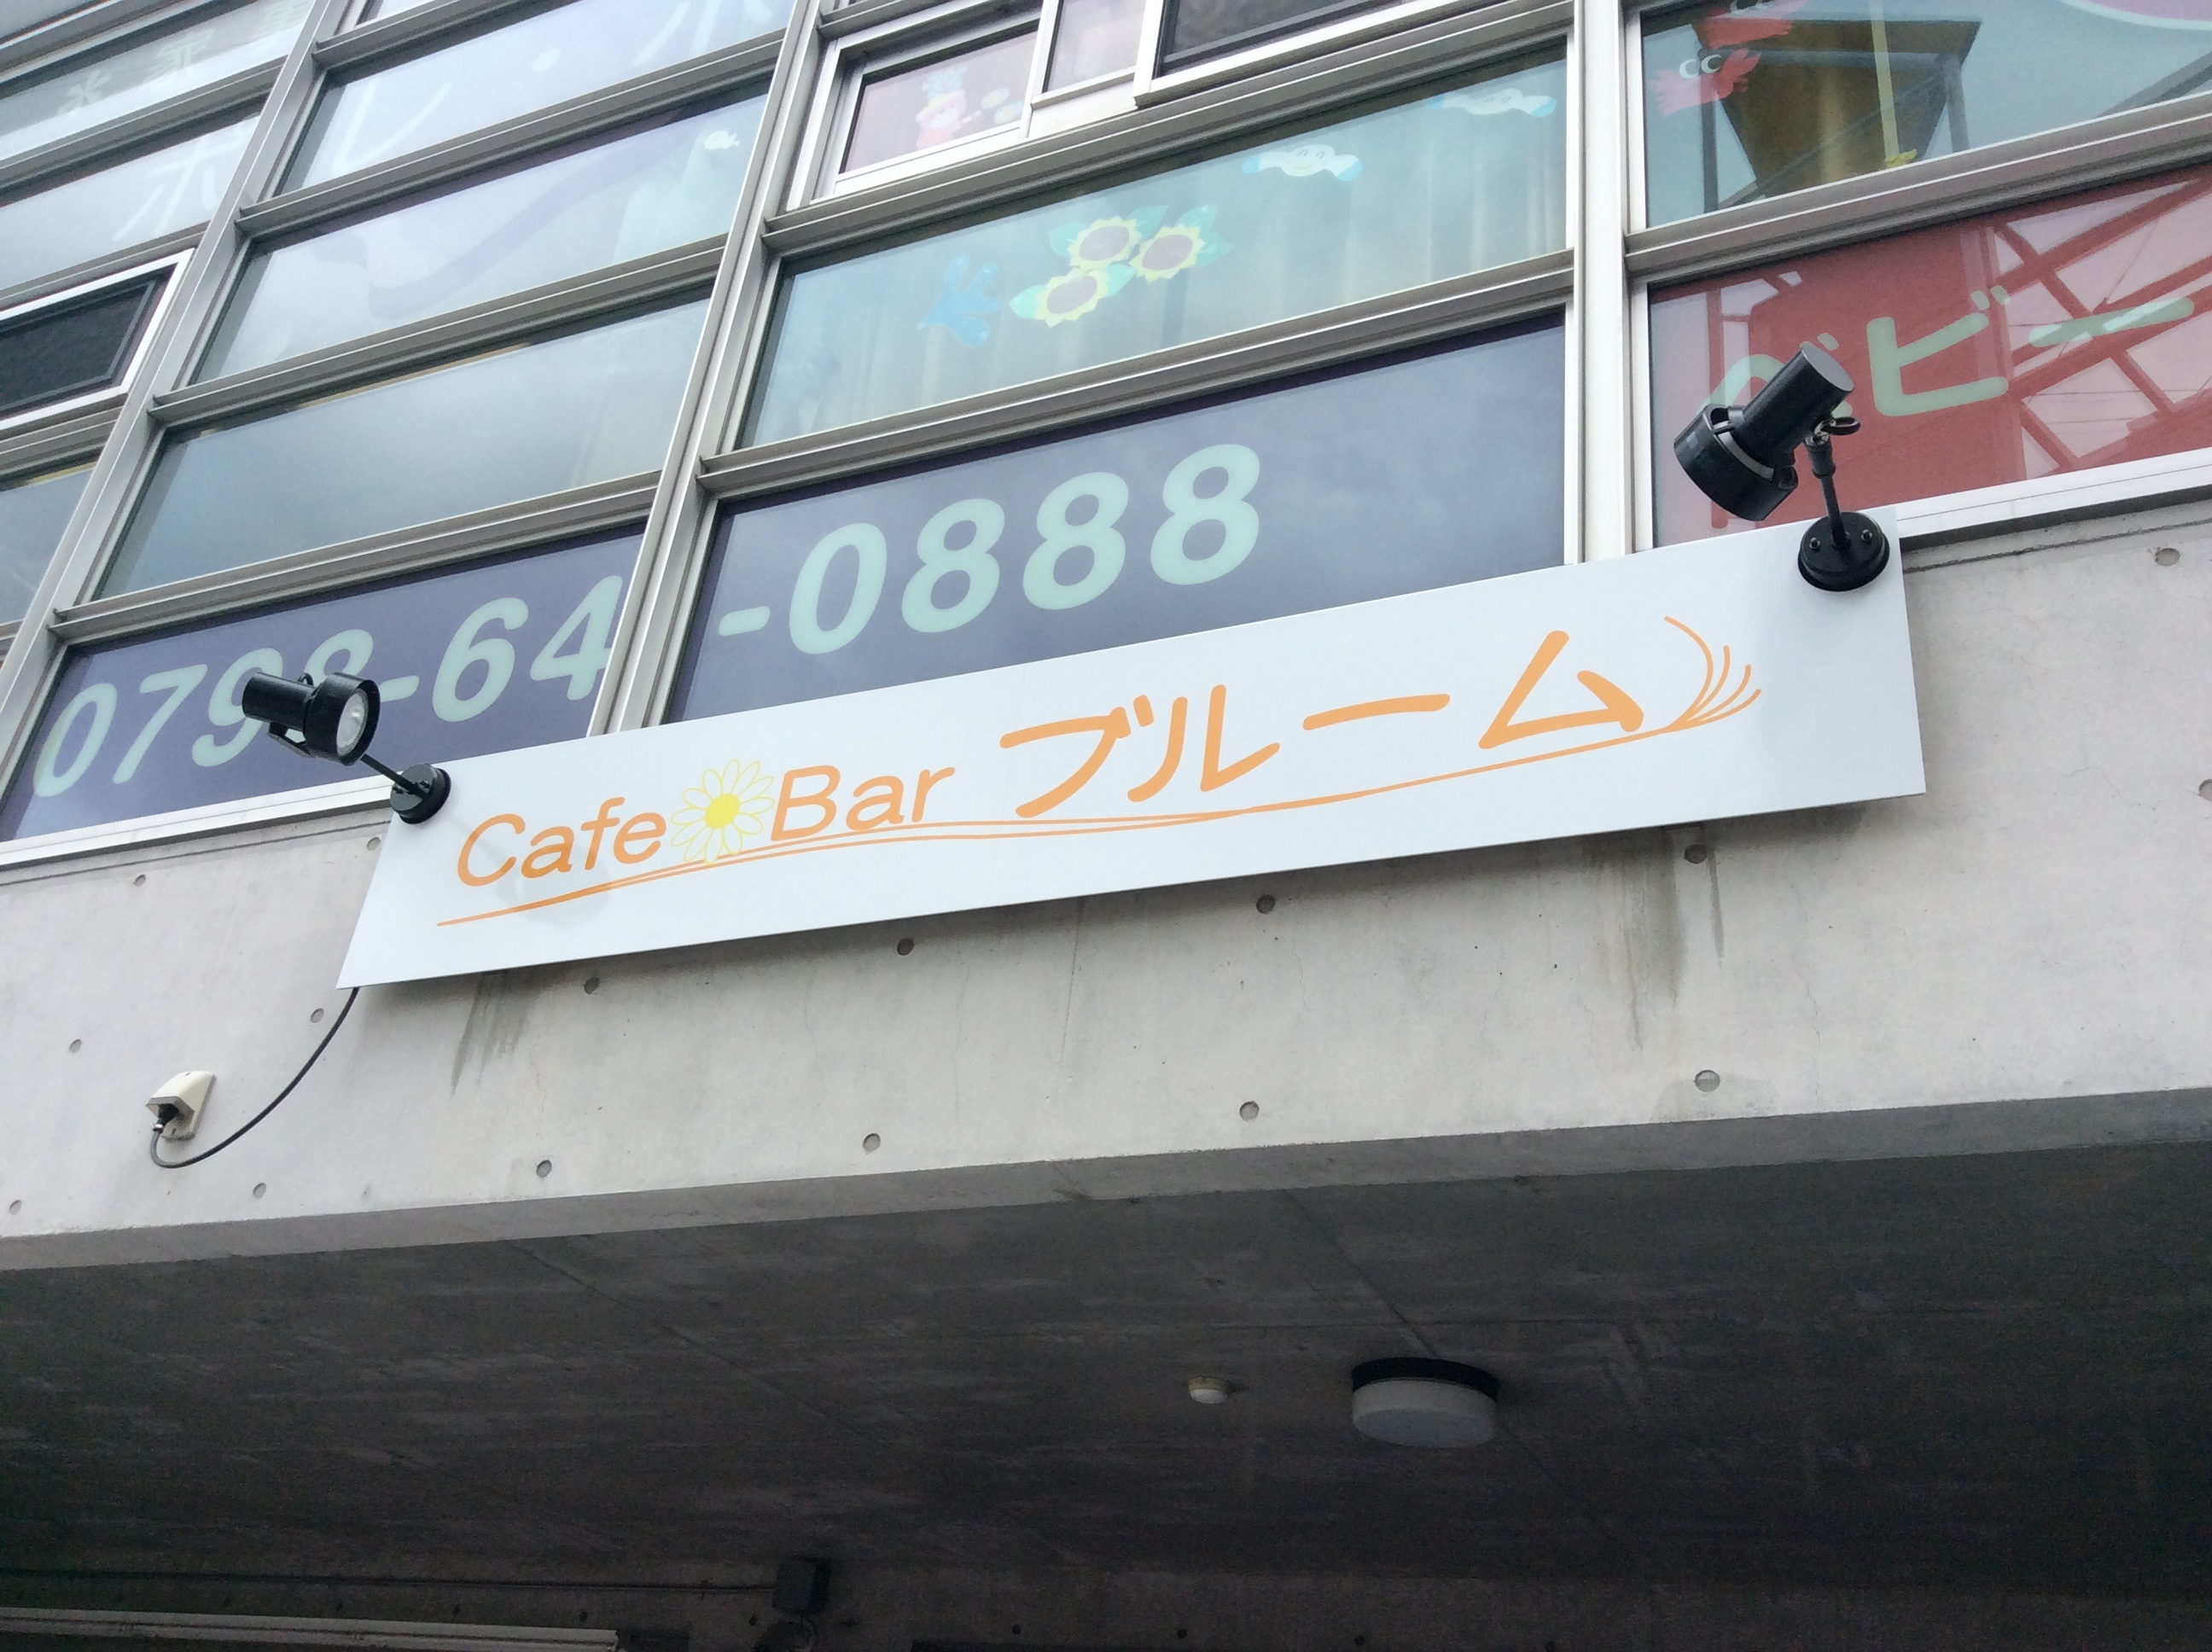 カフェ&バー ブルーム